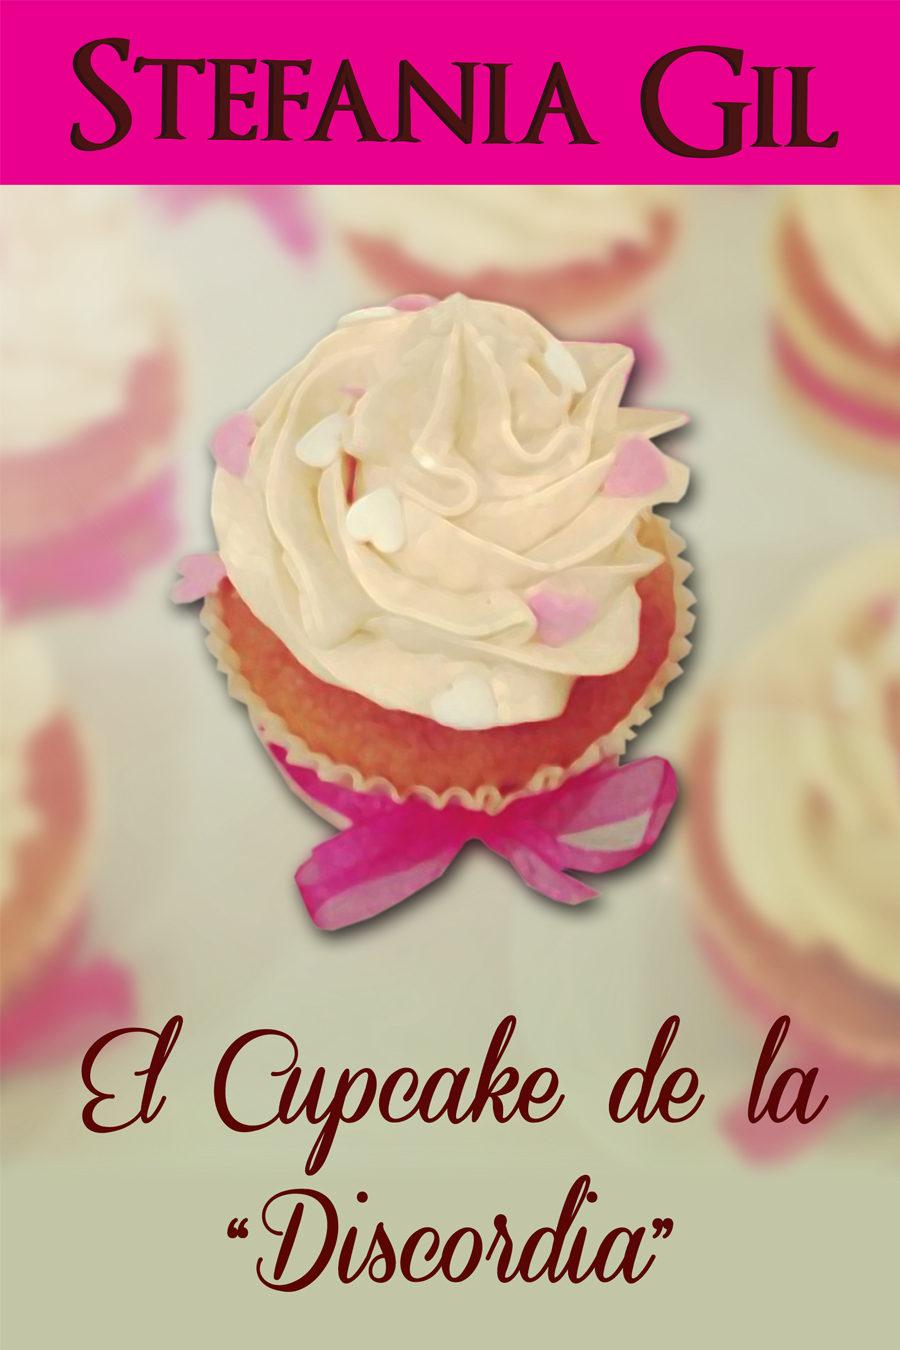 El cupcake de la discordia - Stefanía Gil (Rom) Cdlap00002608